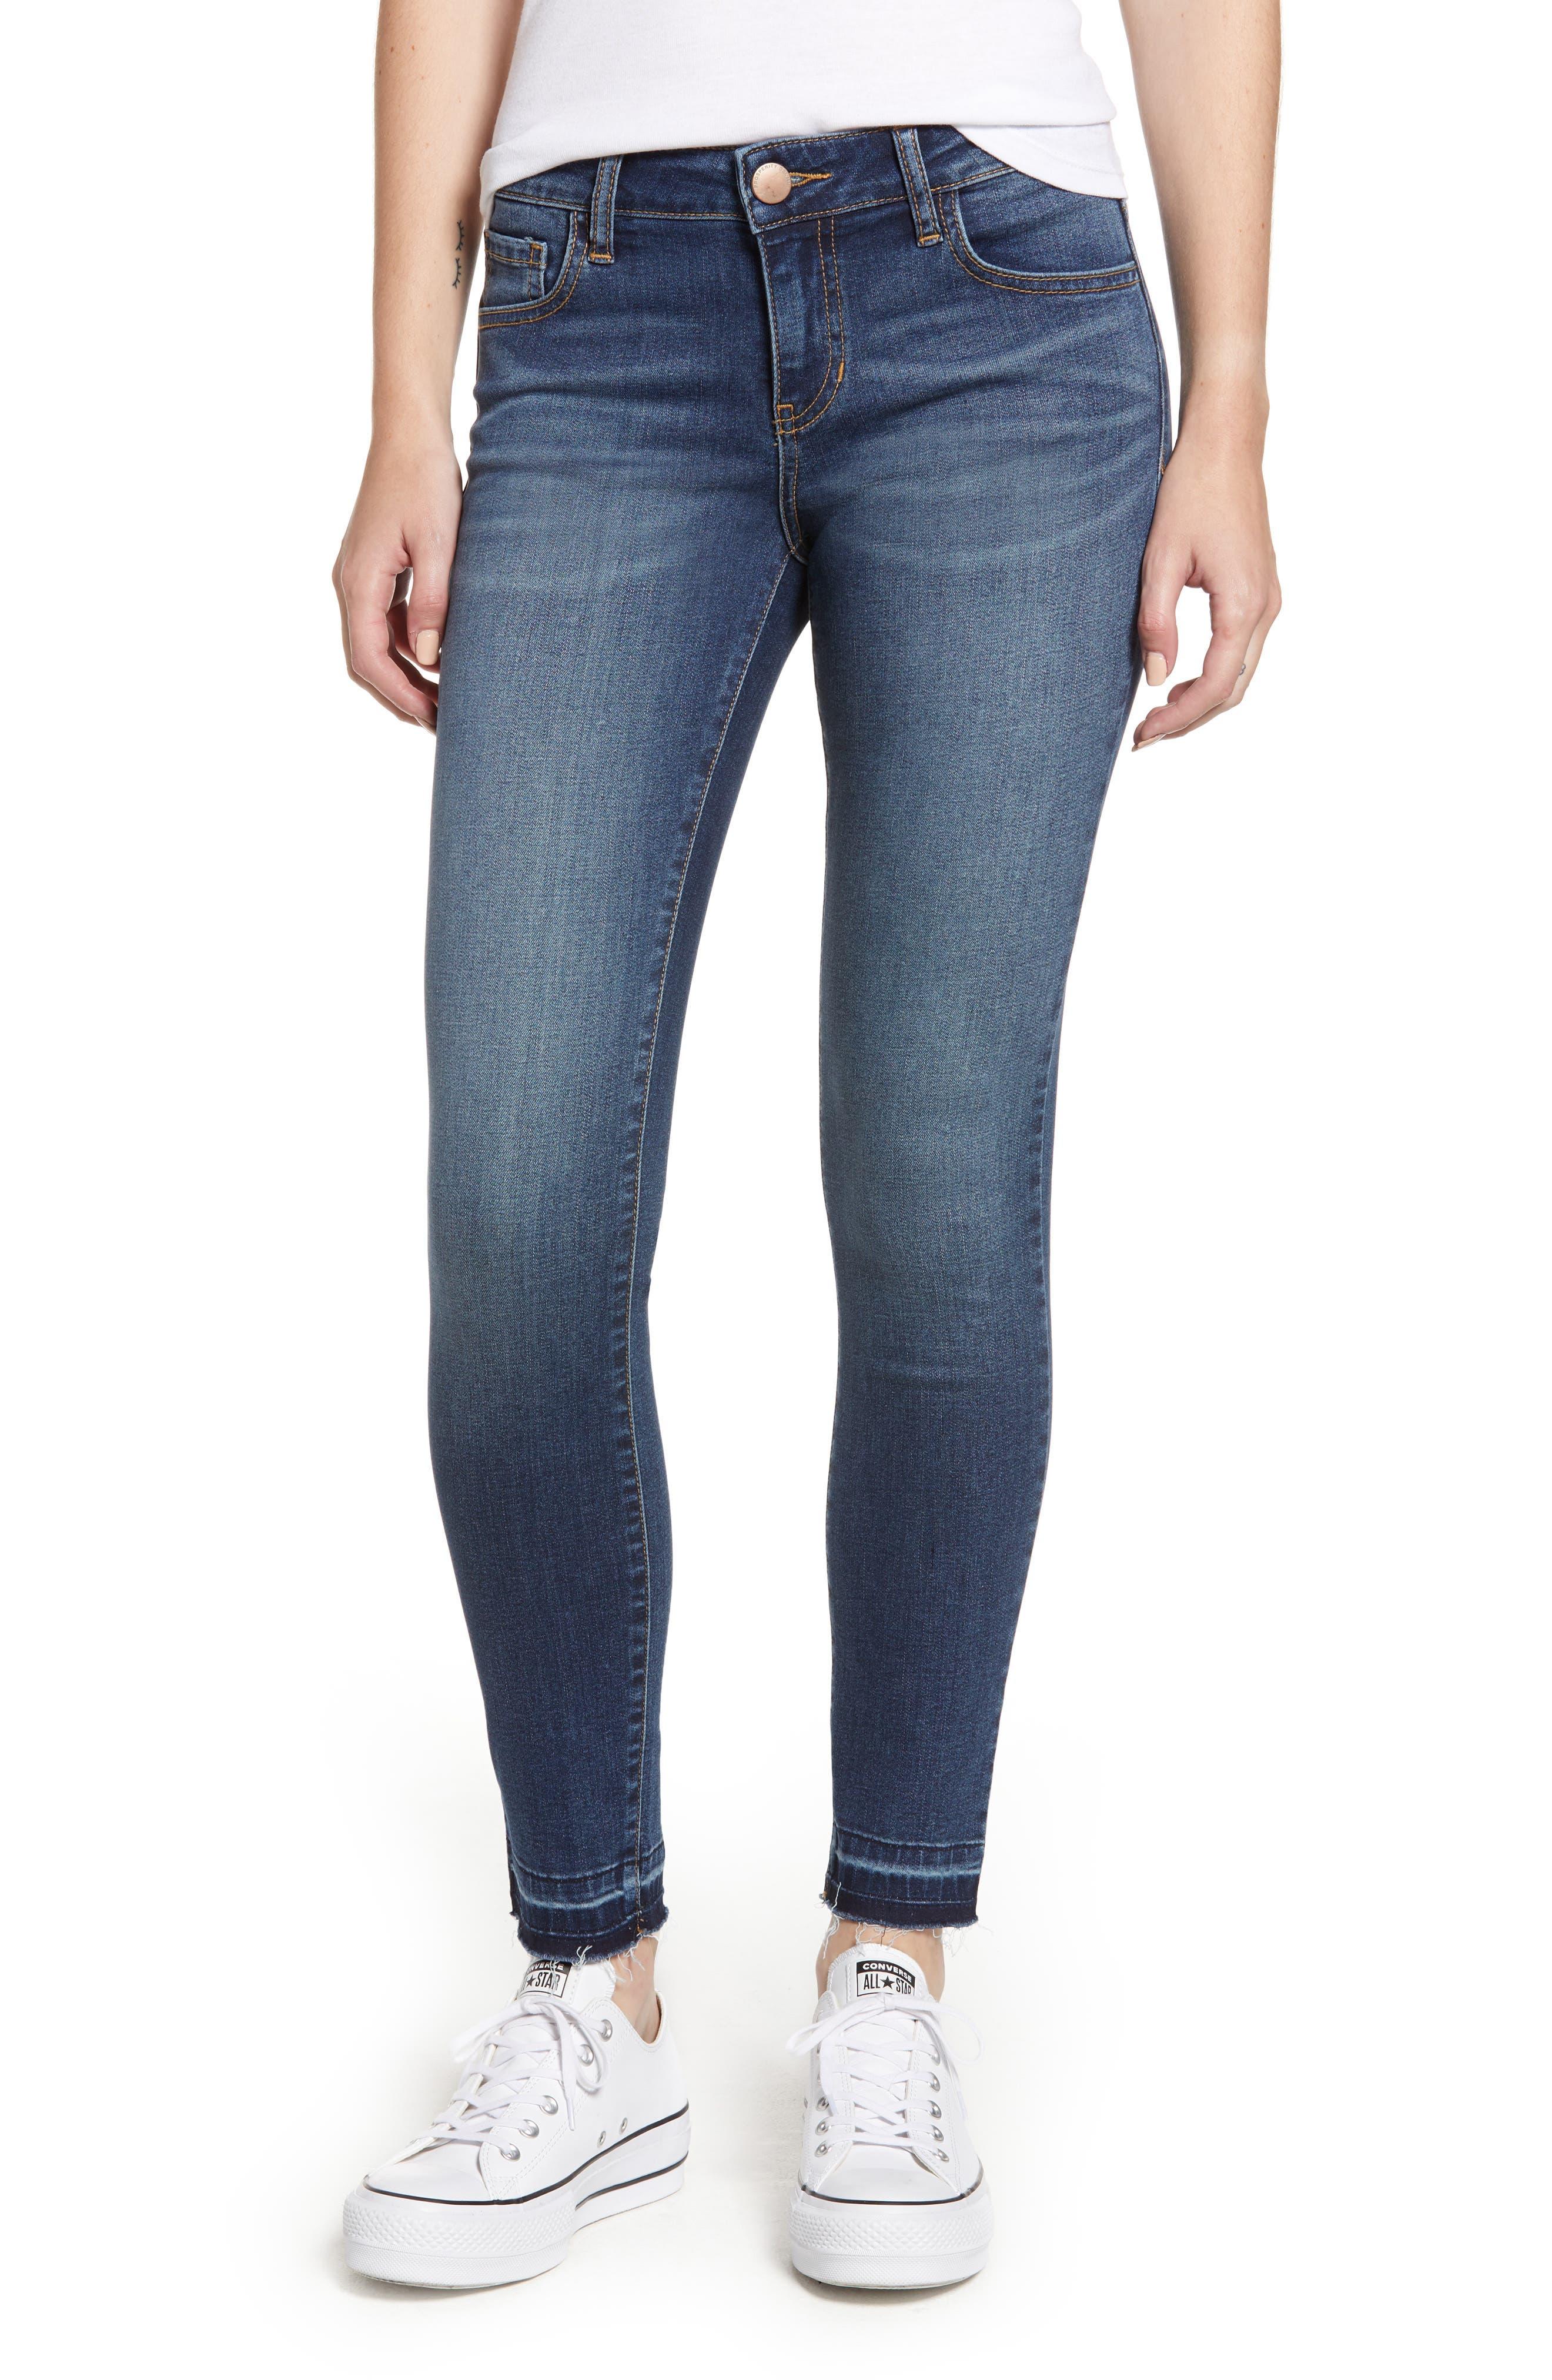 PROSPERITY DENIM Released Hem Skinny Jeans, Main, color, CLAUDIA MED WASH